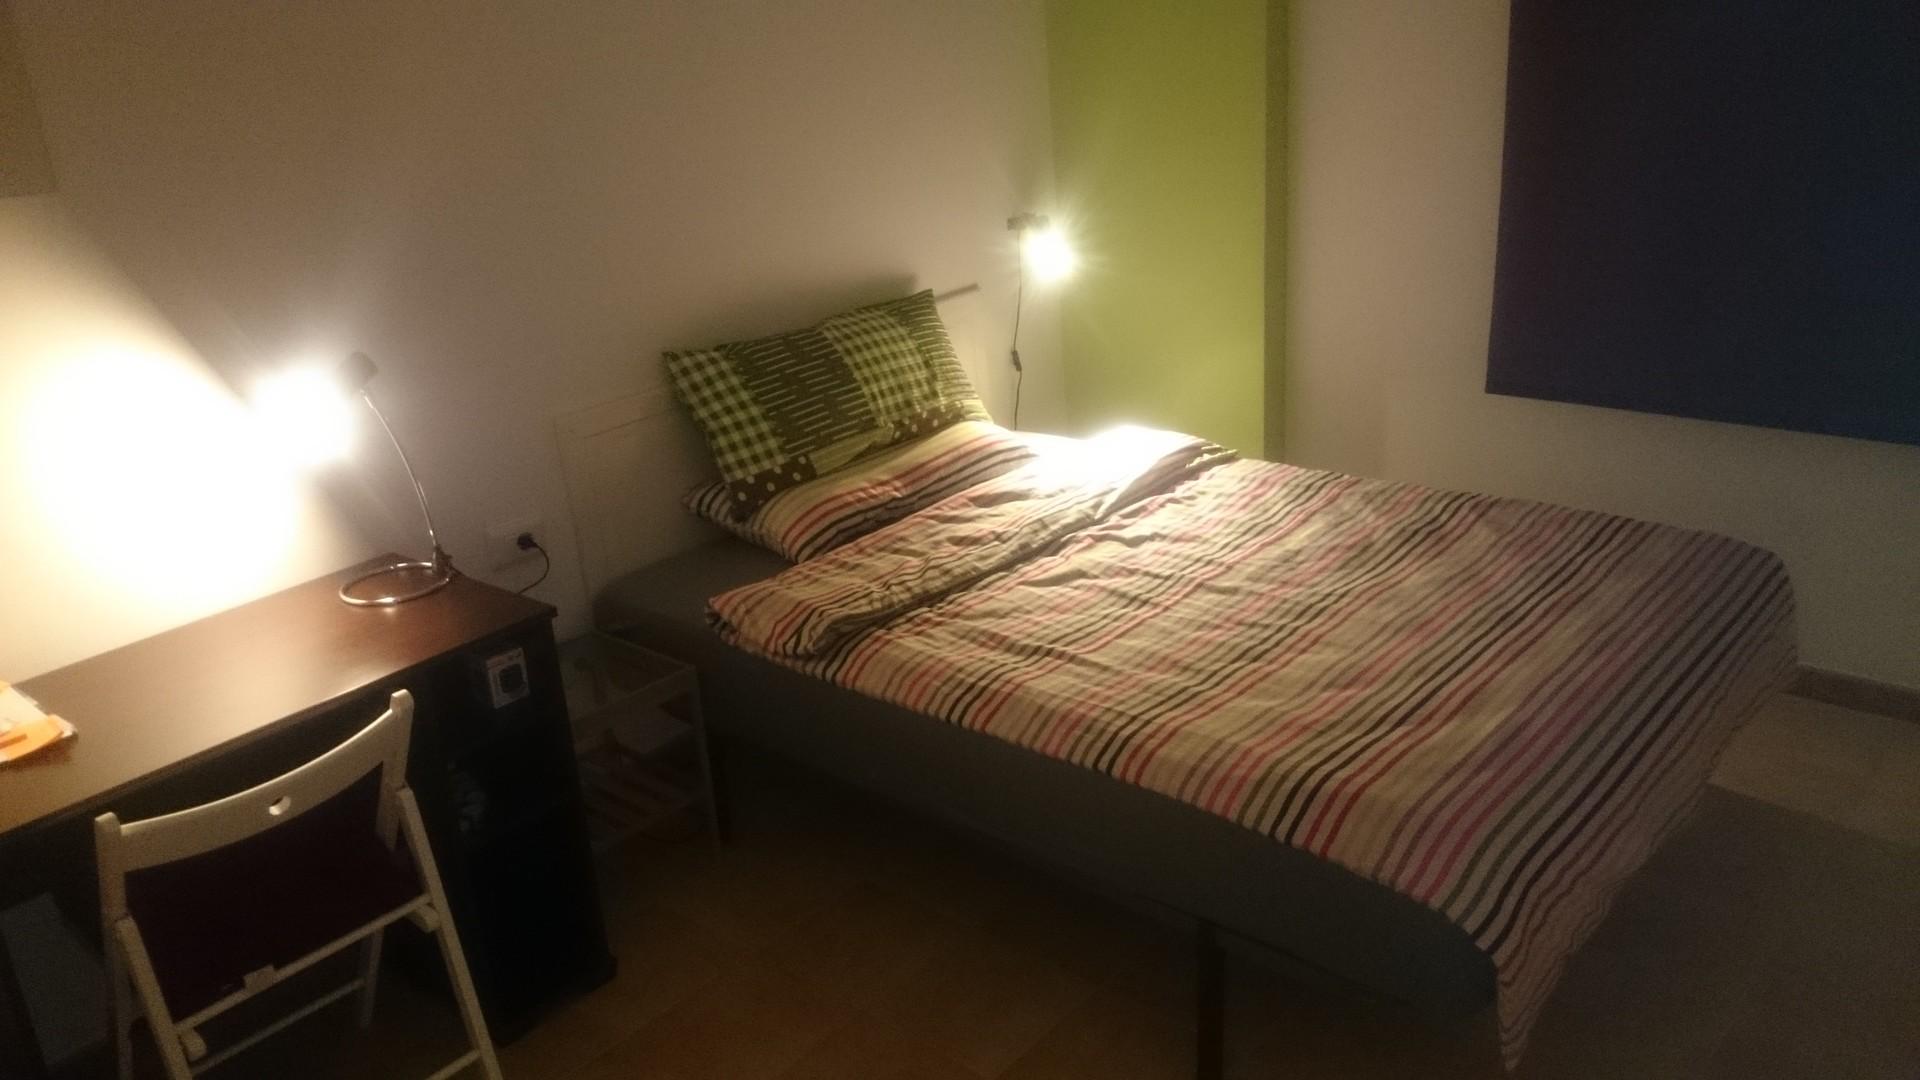 room-august-0803dcf1e48728353e590615e406a9f4